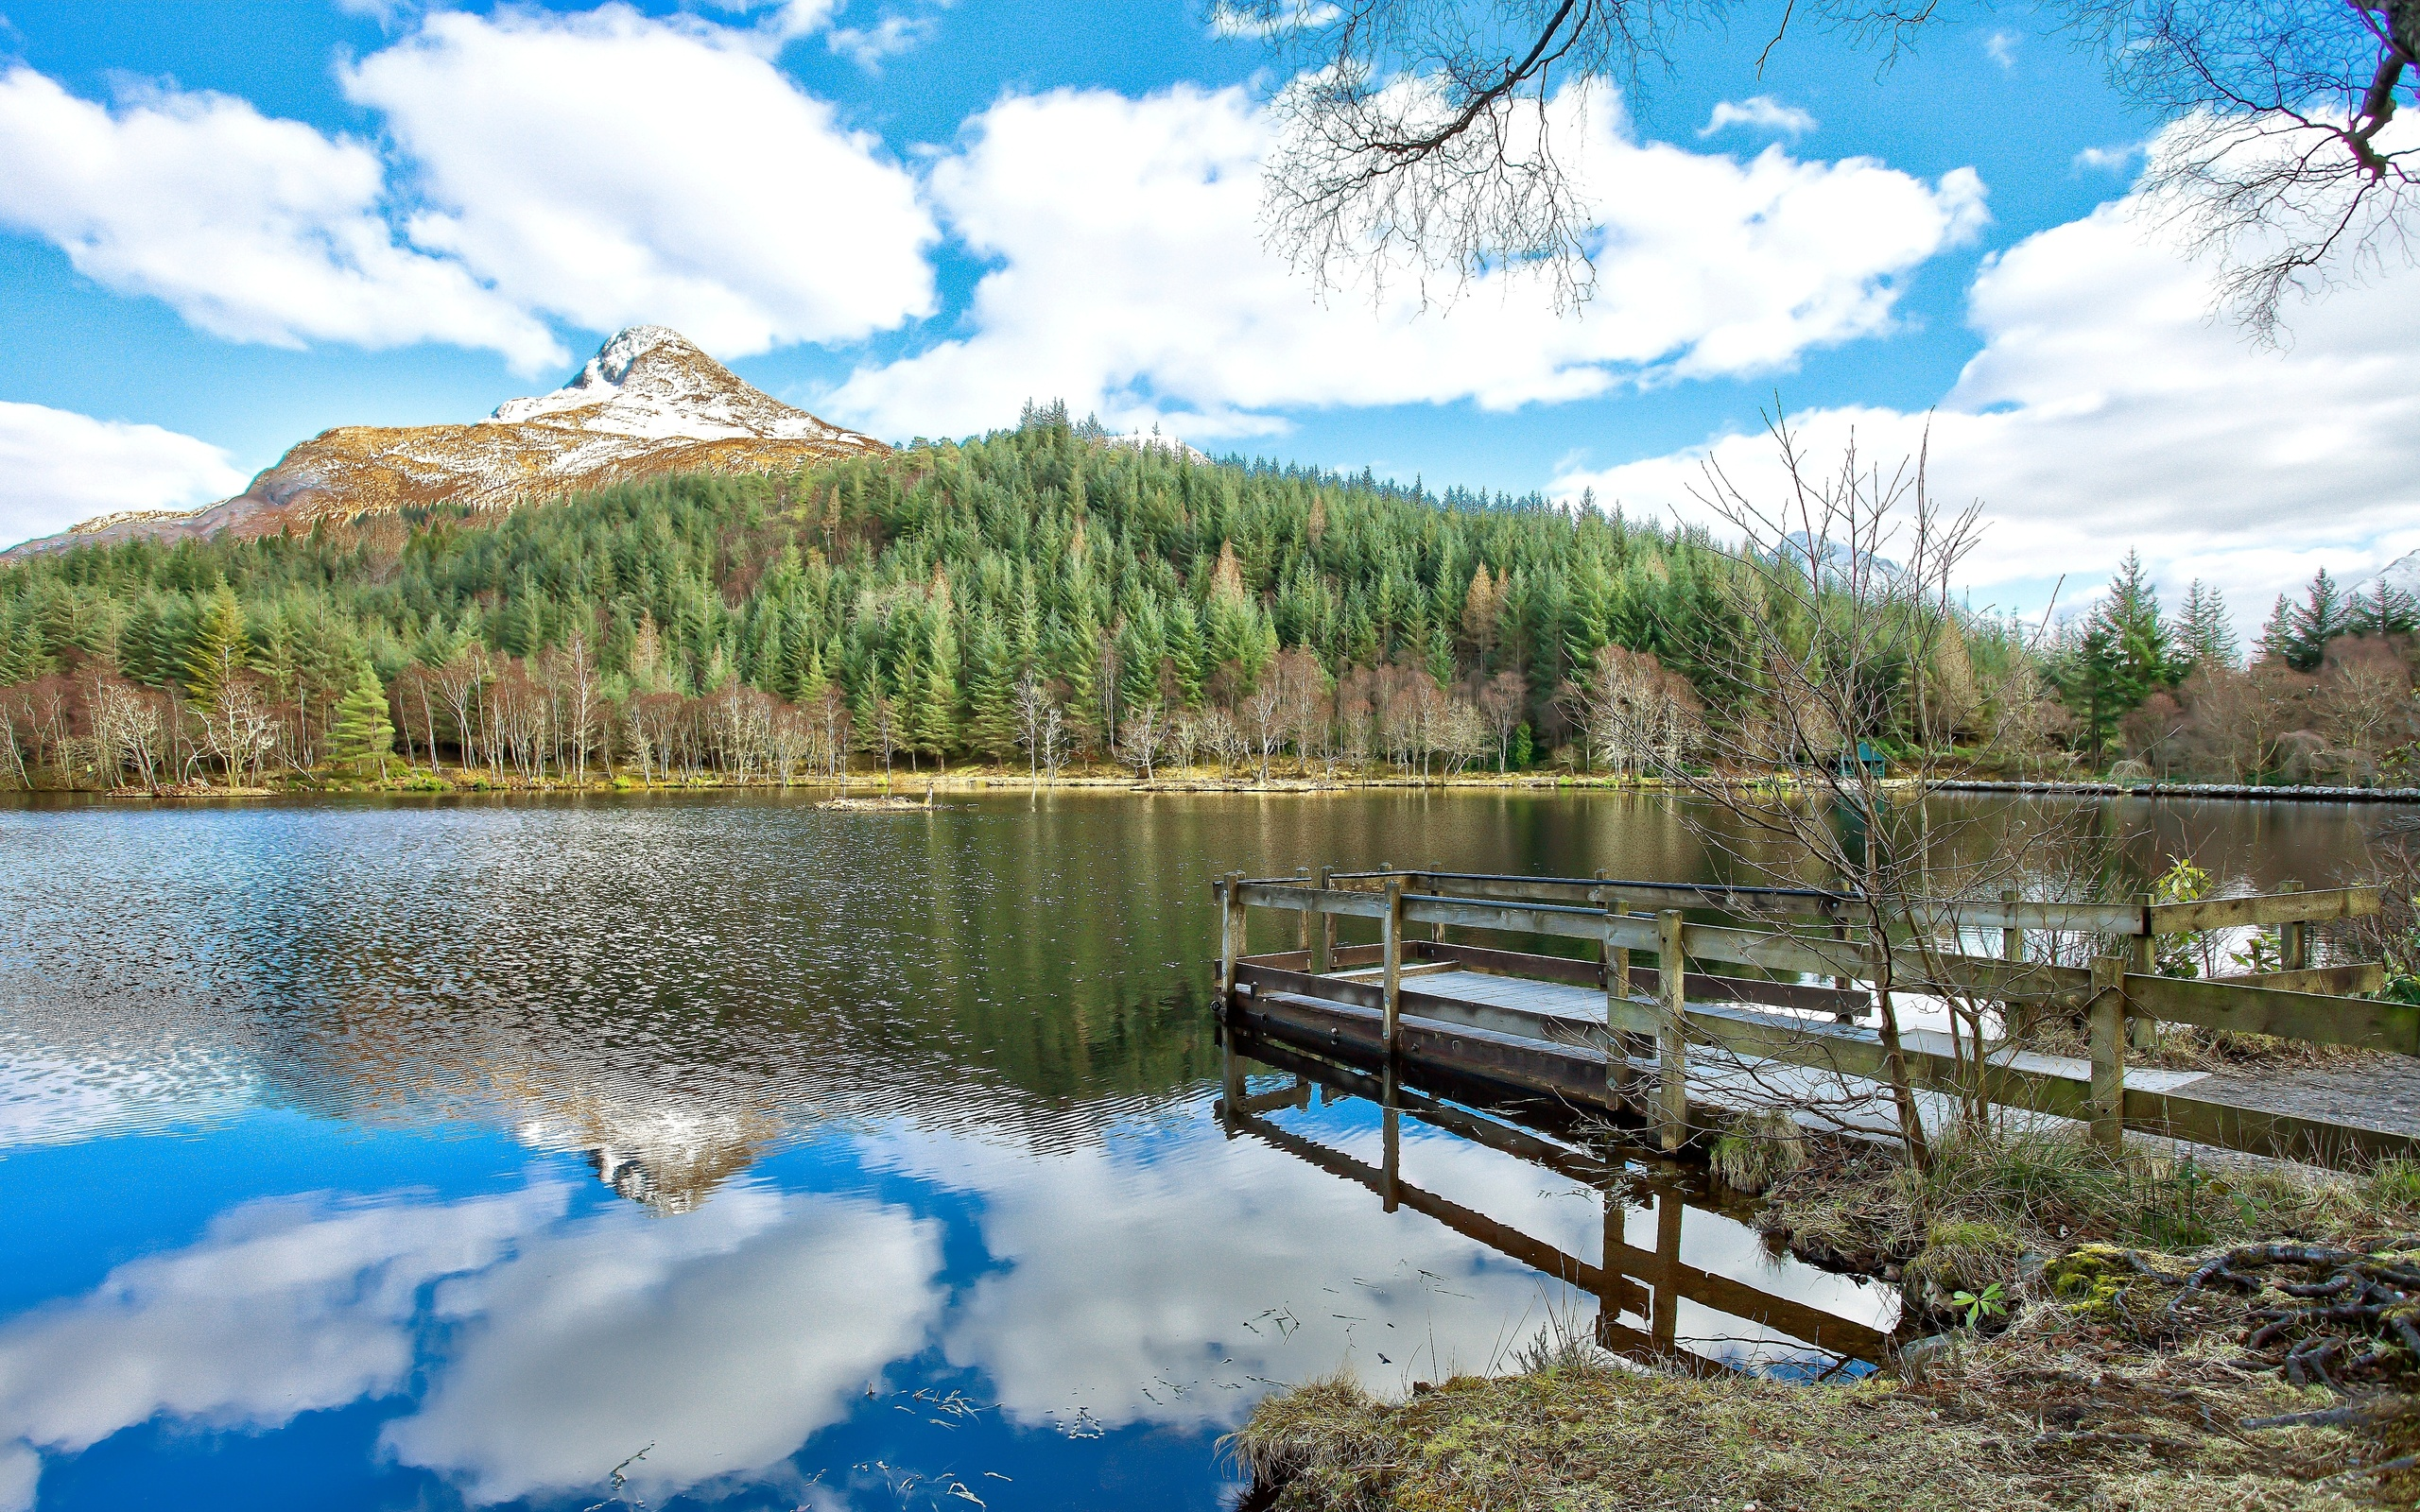 Озерцо мостик лес горы  № 2950002  скачать